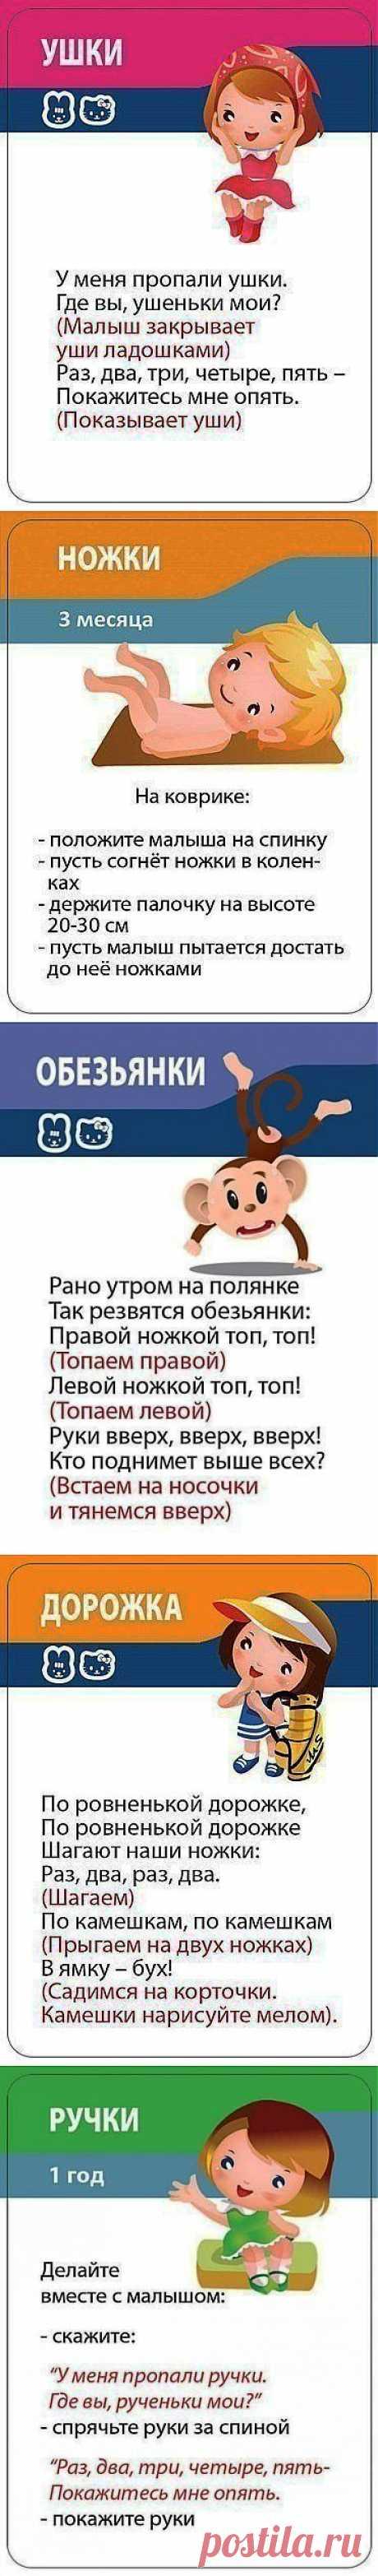 Раннее развитие на сайте danilova.ru   ВКонтакте